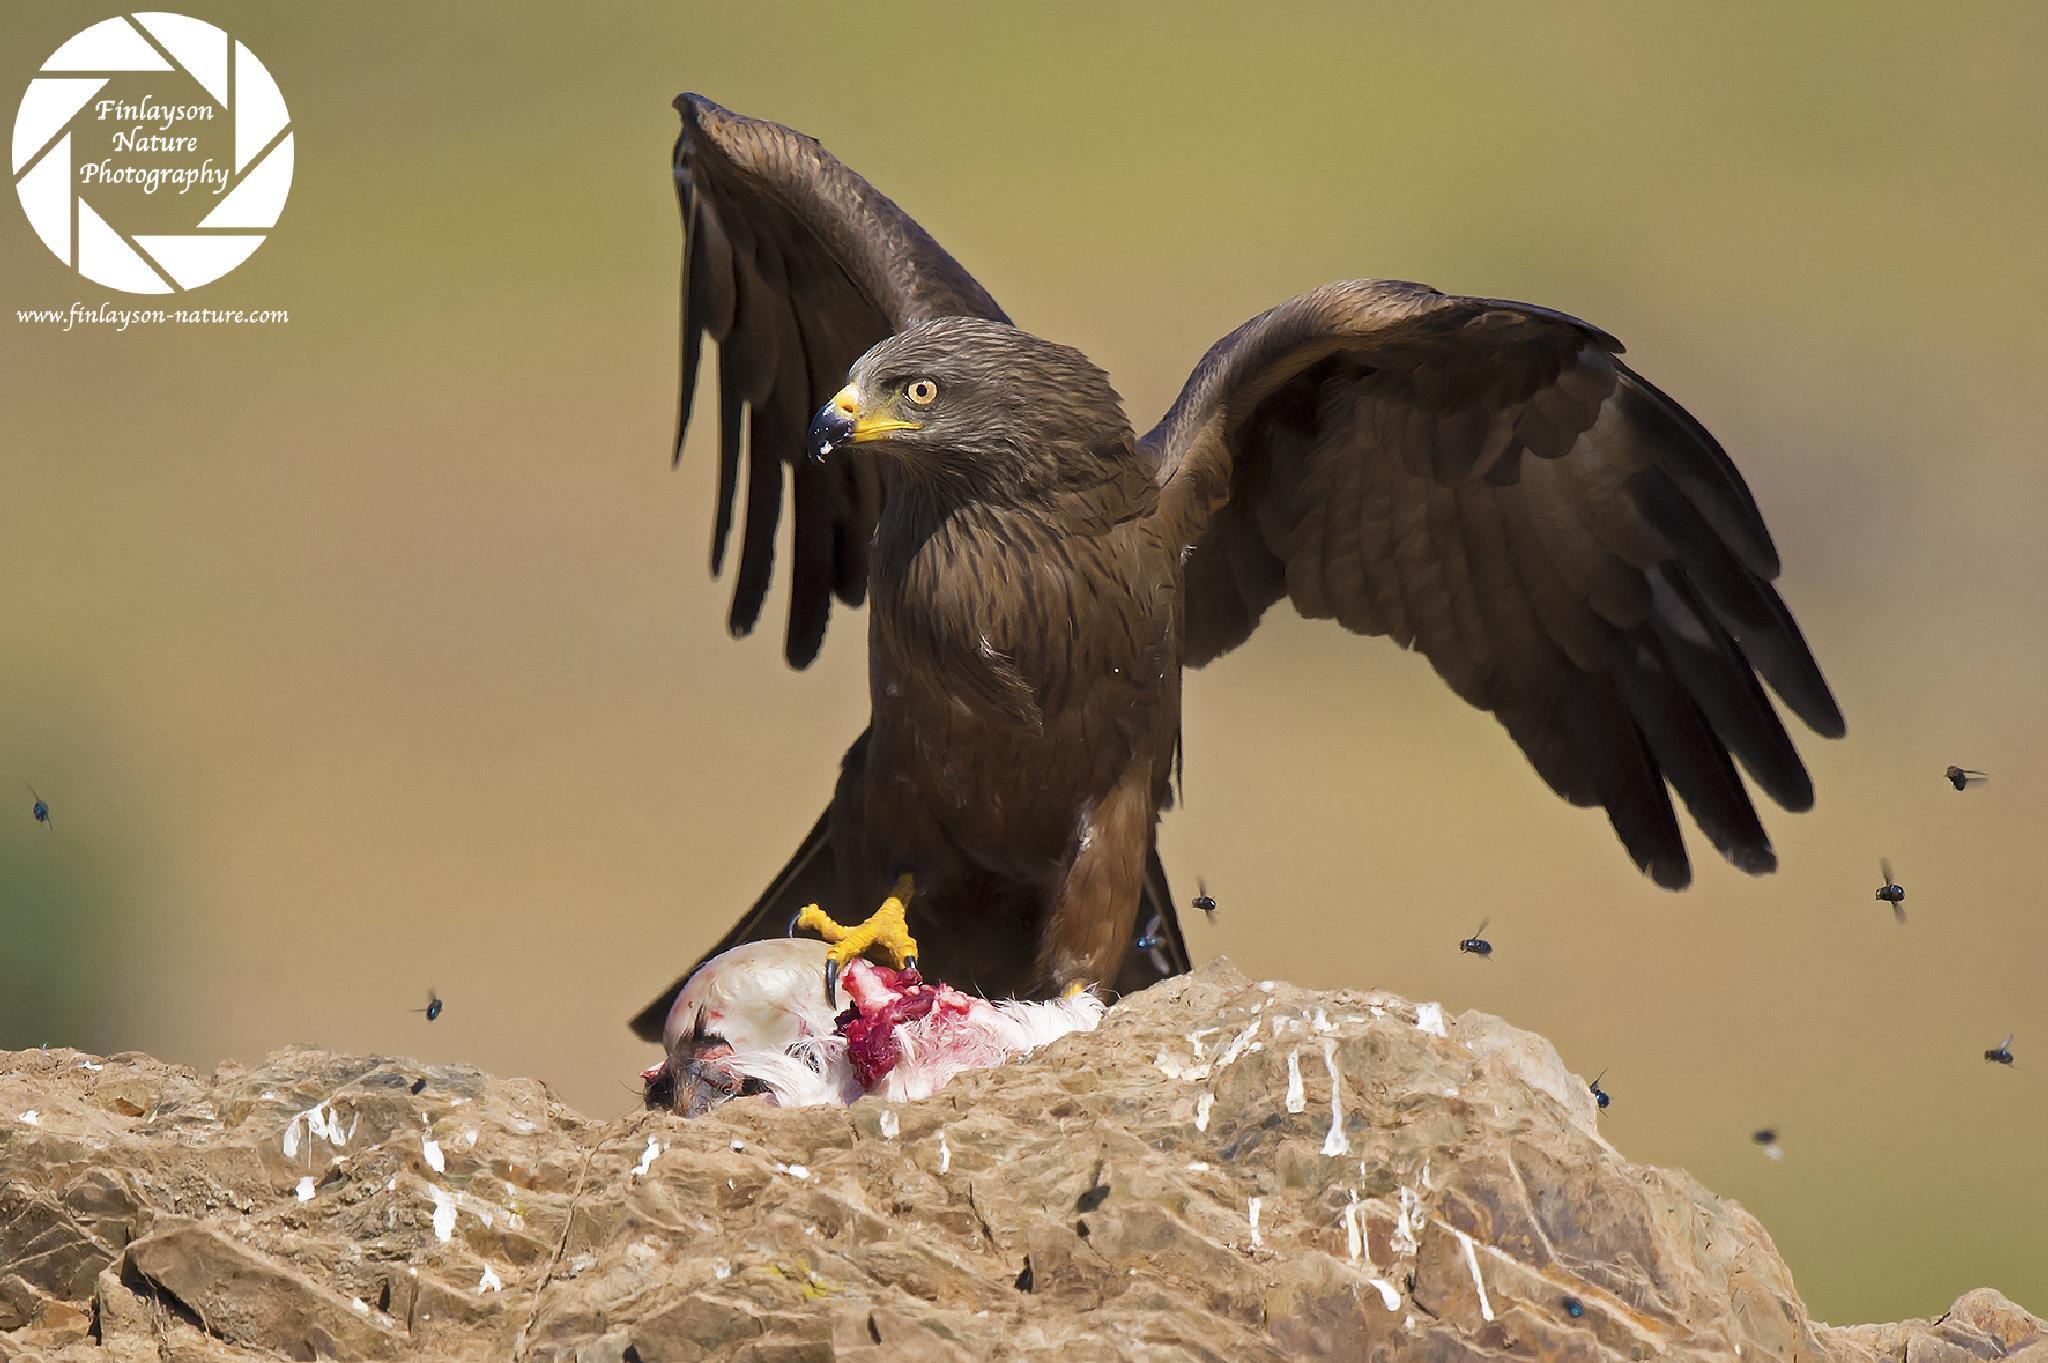 Black Kite (Milvus migrans) by Stewart Finlayson